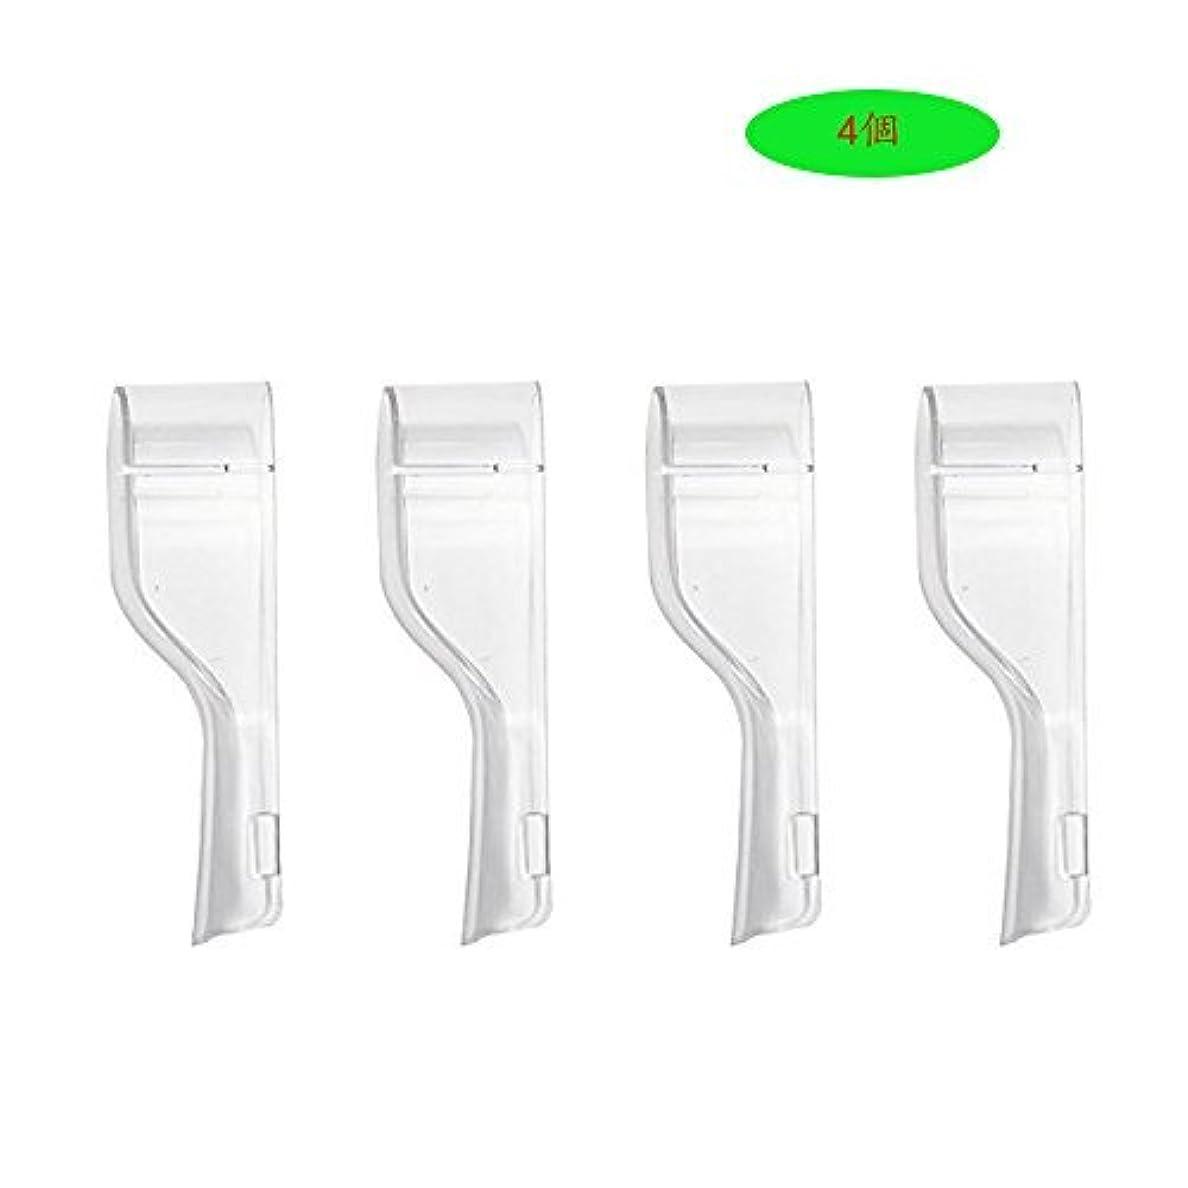 移行正当化する印象的For SR18 / SR32 / EB30 ブラウン オーラルB 電動歯ブラシ用 替えブラシ互換 スイングブラシ 硬い歯ブラシのヘッドキャップ保護カバー by Kadior